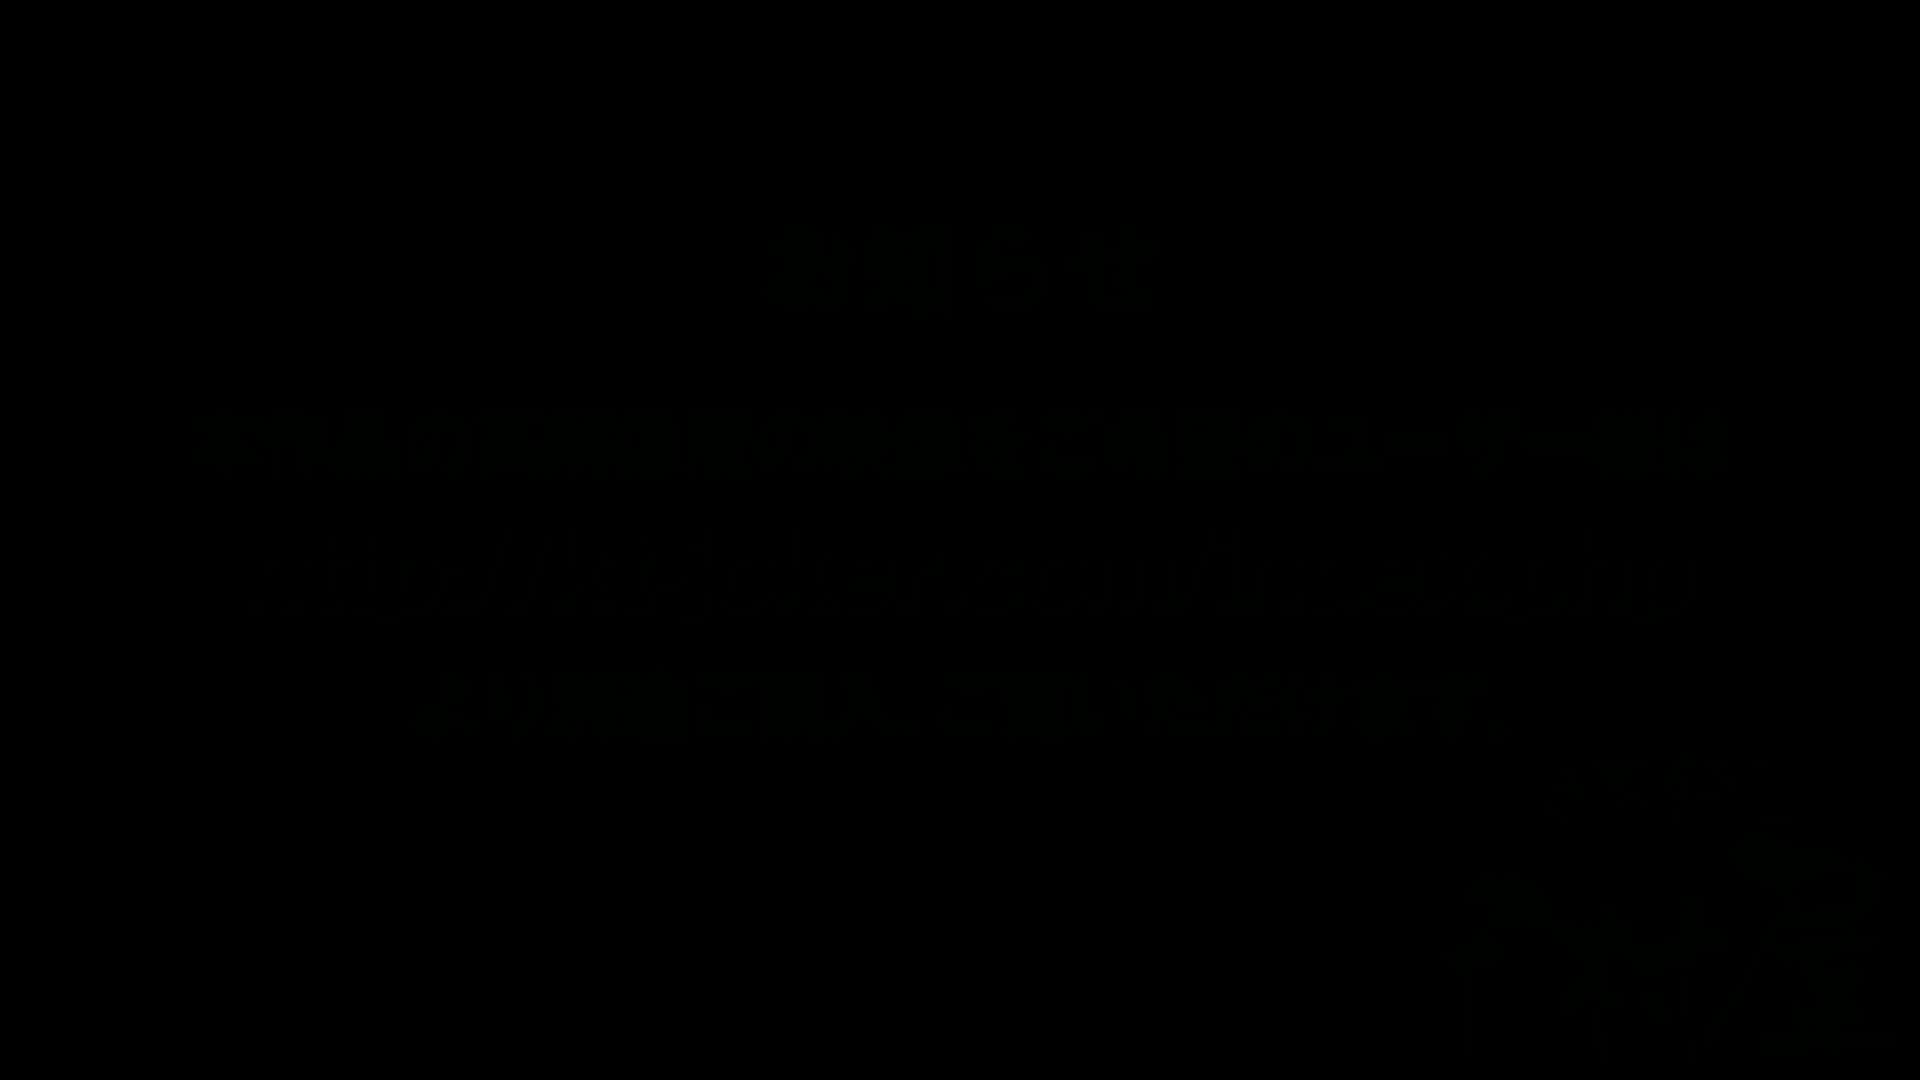 イ・タ・ズ・ラ劇場 Vol.01 HなOL   ギガ乳  48pic 12